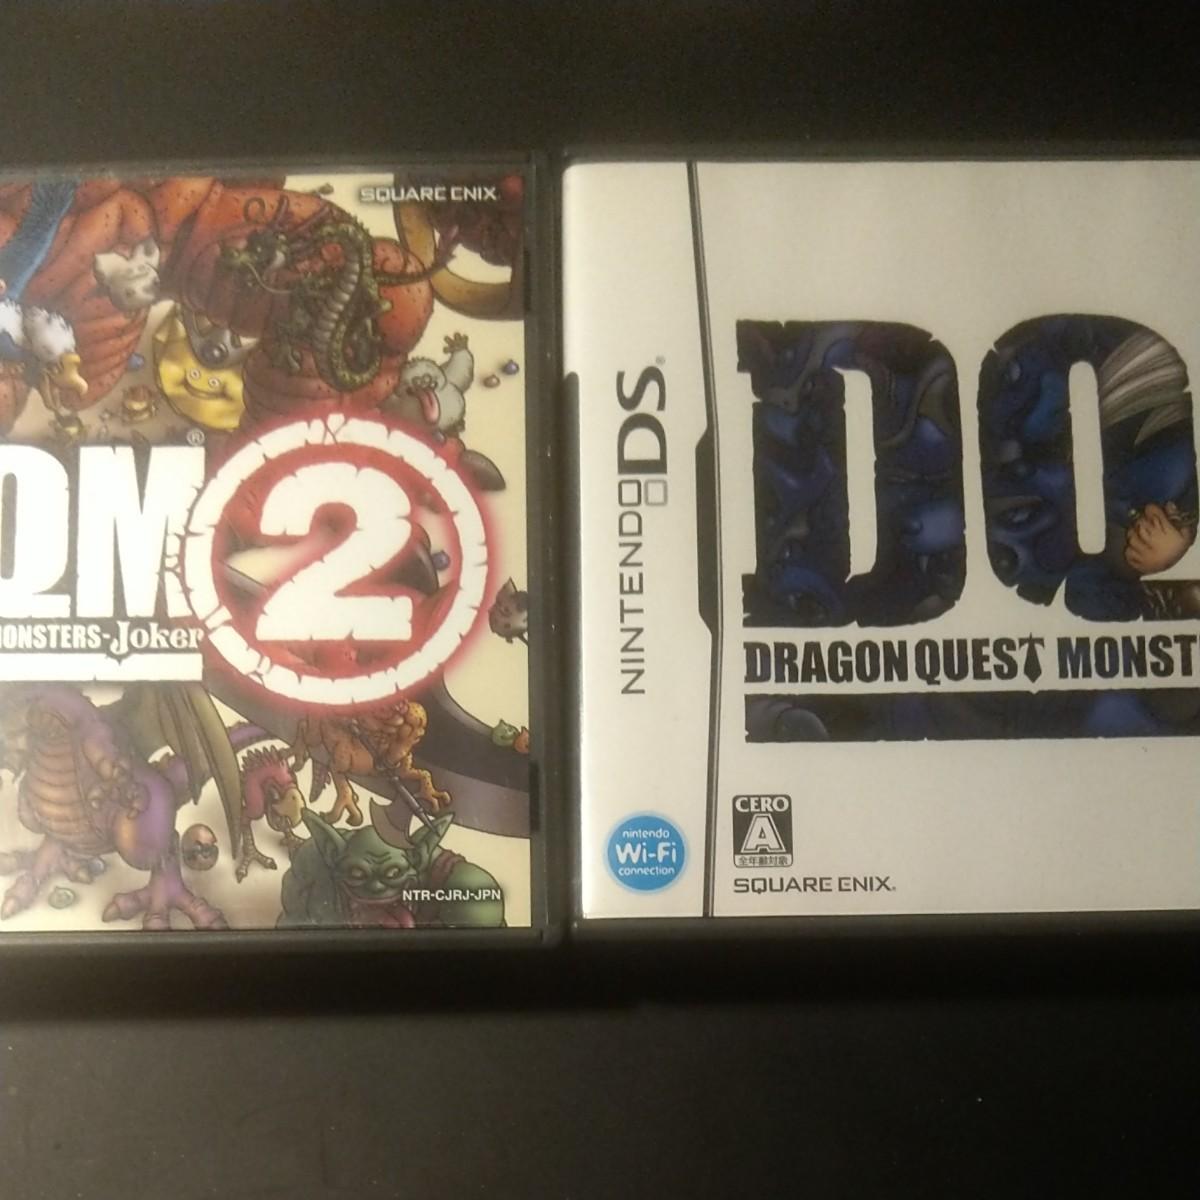 DS ドラゴンクエストモンスターズ ジョーカー ソフト まとめ売り